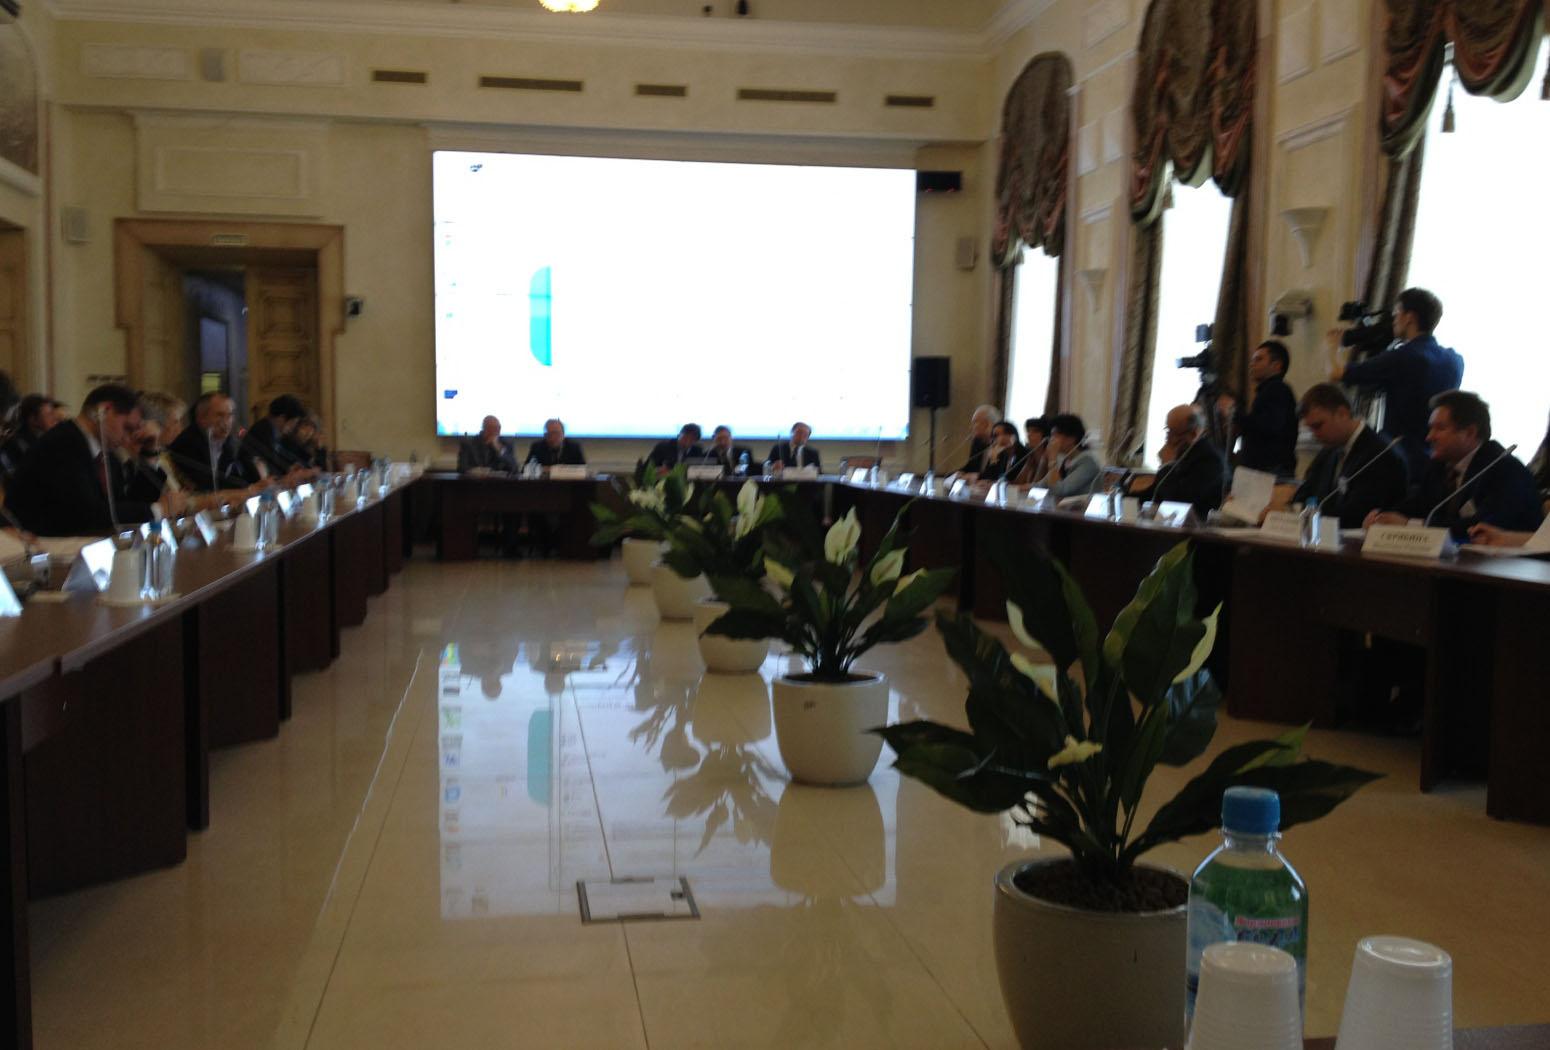 В главном зале Общественной палаты РФ состоялся круглый стол «Актуальные вопросы гармонизации национальных стандартов и совершенствования правоприменительной практики по сертификации с учетом вступления России в ВТО».